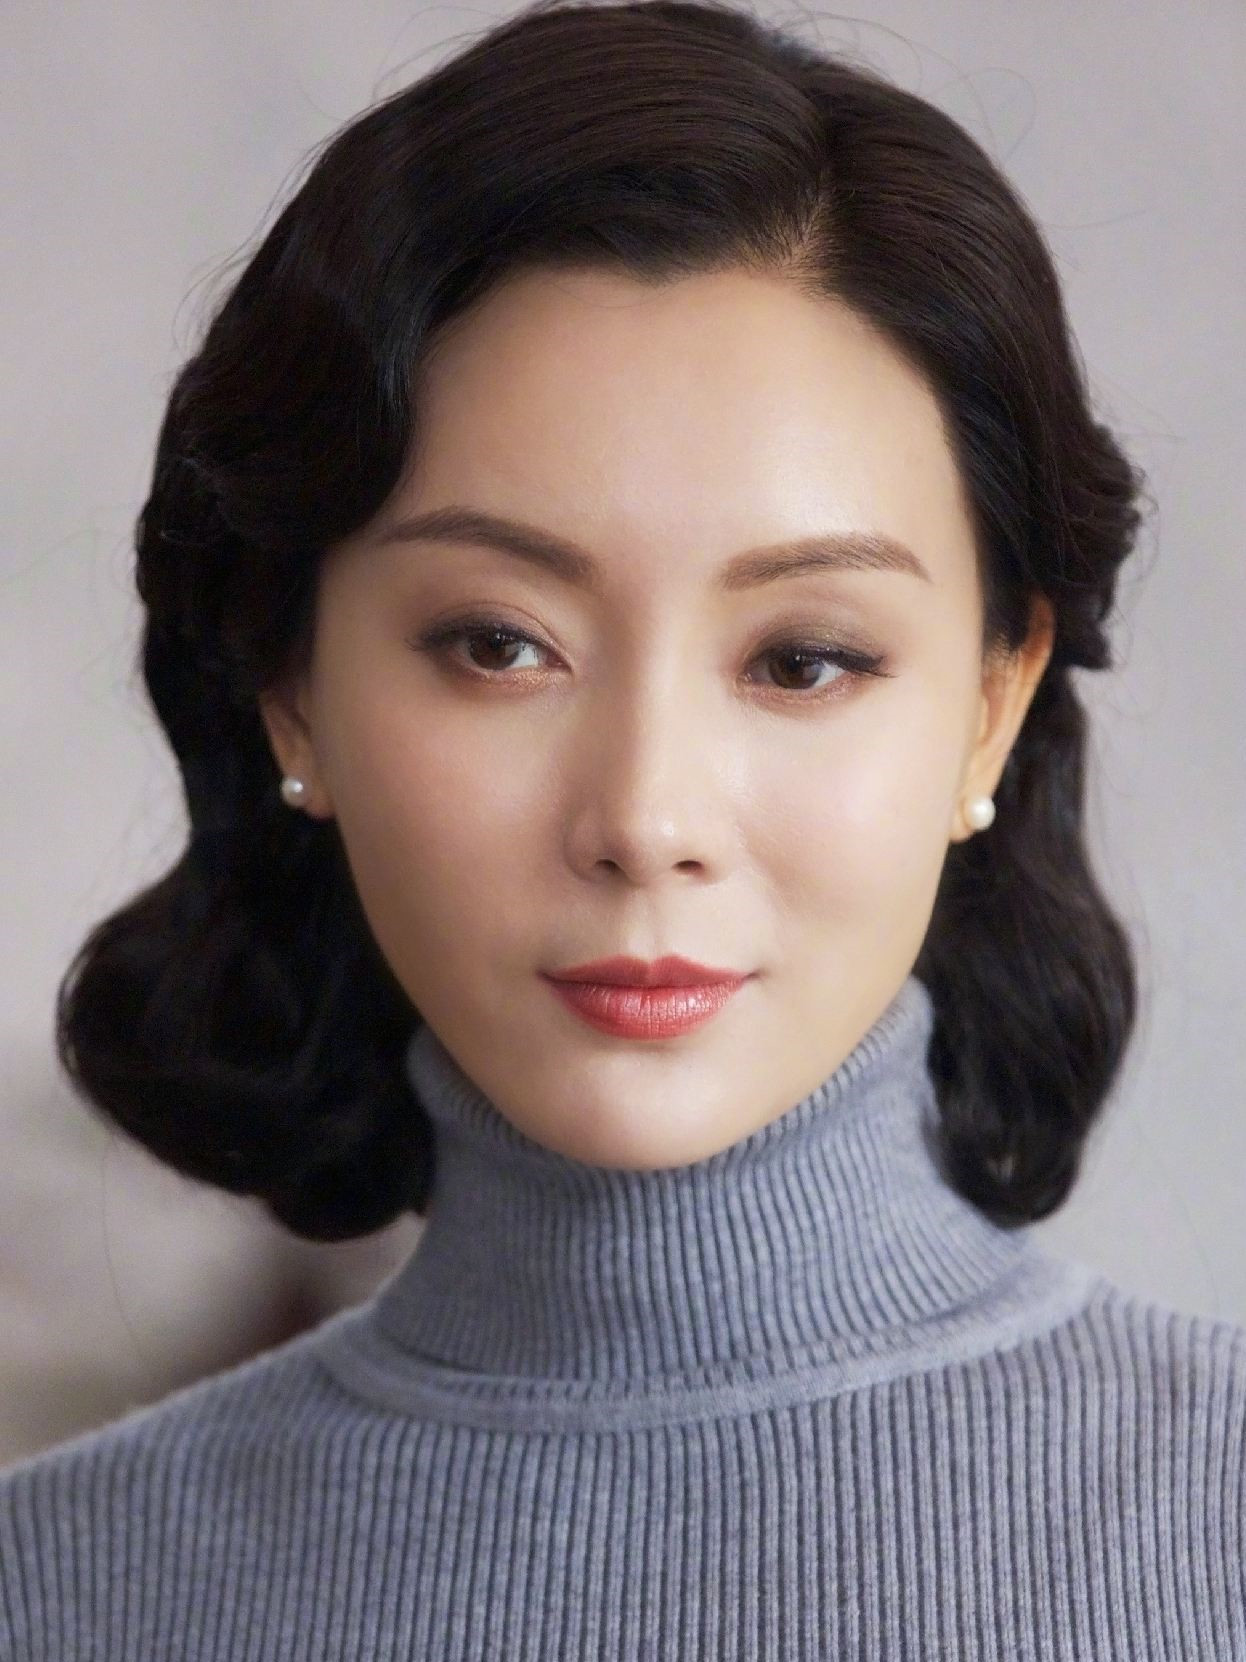 怎么避免无效化妆或者失败的化妆?你需要的是知道自己的气质类型